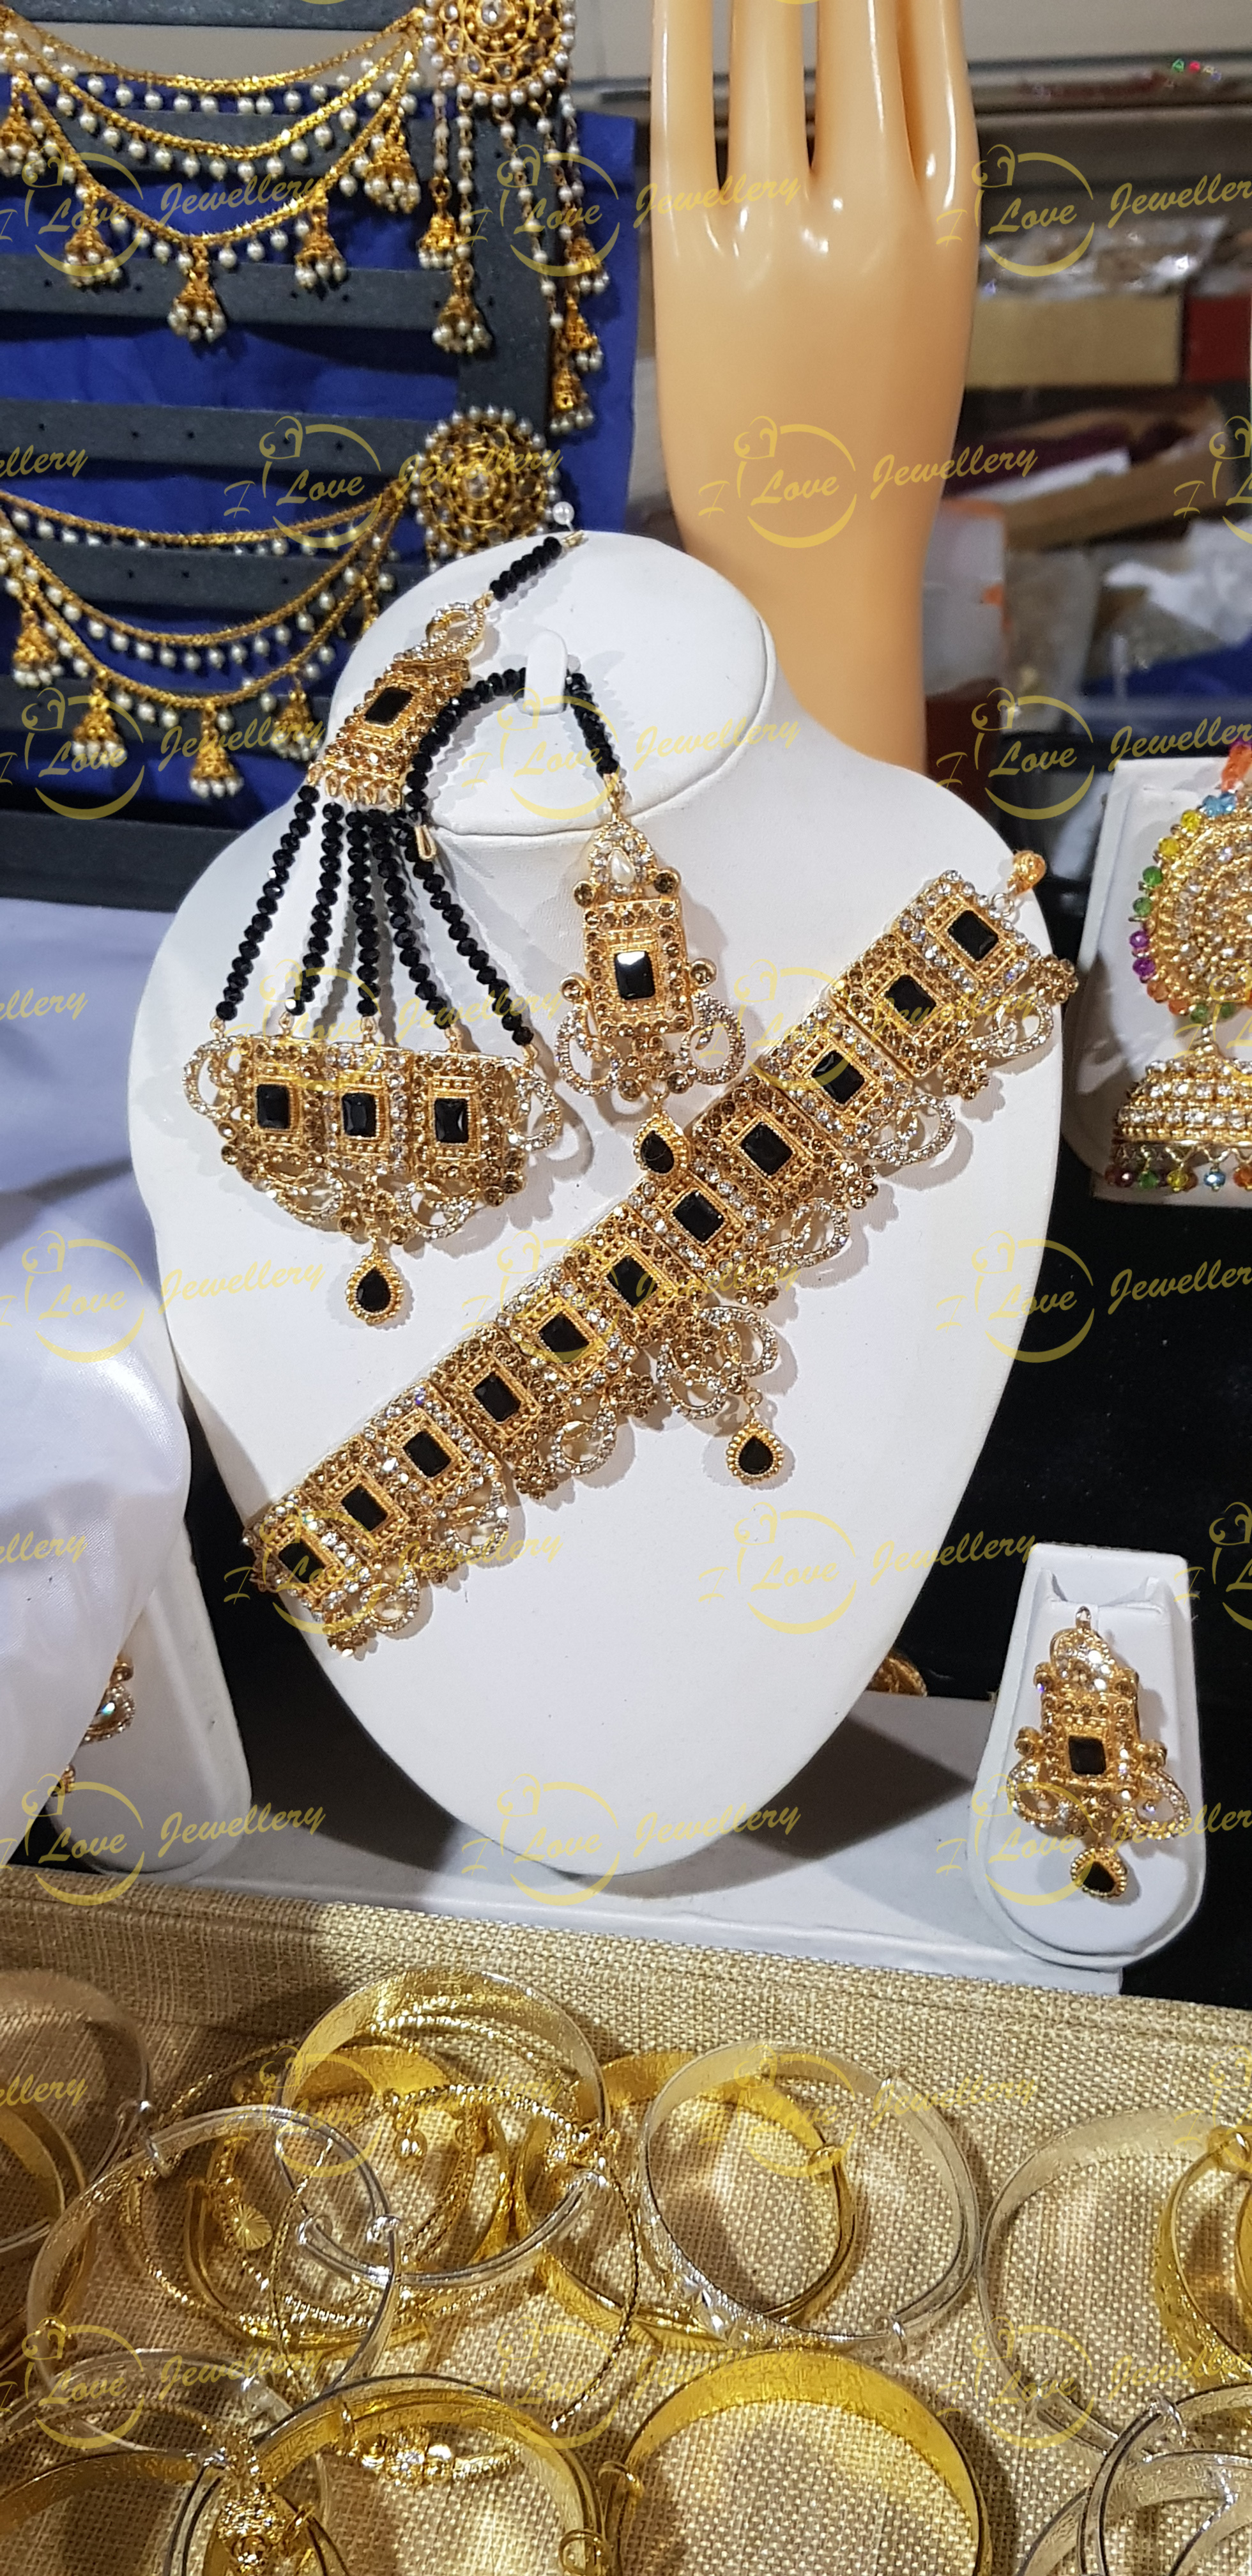 Pakistani choker - black choker - mehndi choker - bridal chokers - wedding choker necklace - golden choker - Champagne choker - pearl choker - wholesale Pakistani jewellery - bespoke Pakistani jewellery